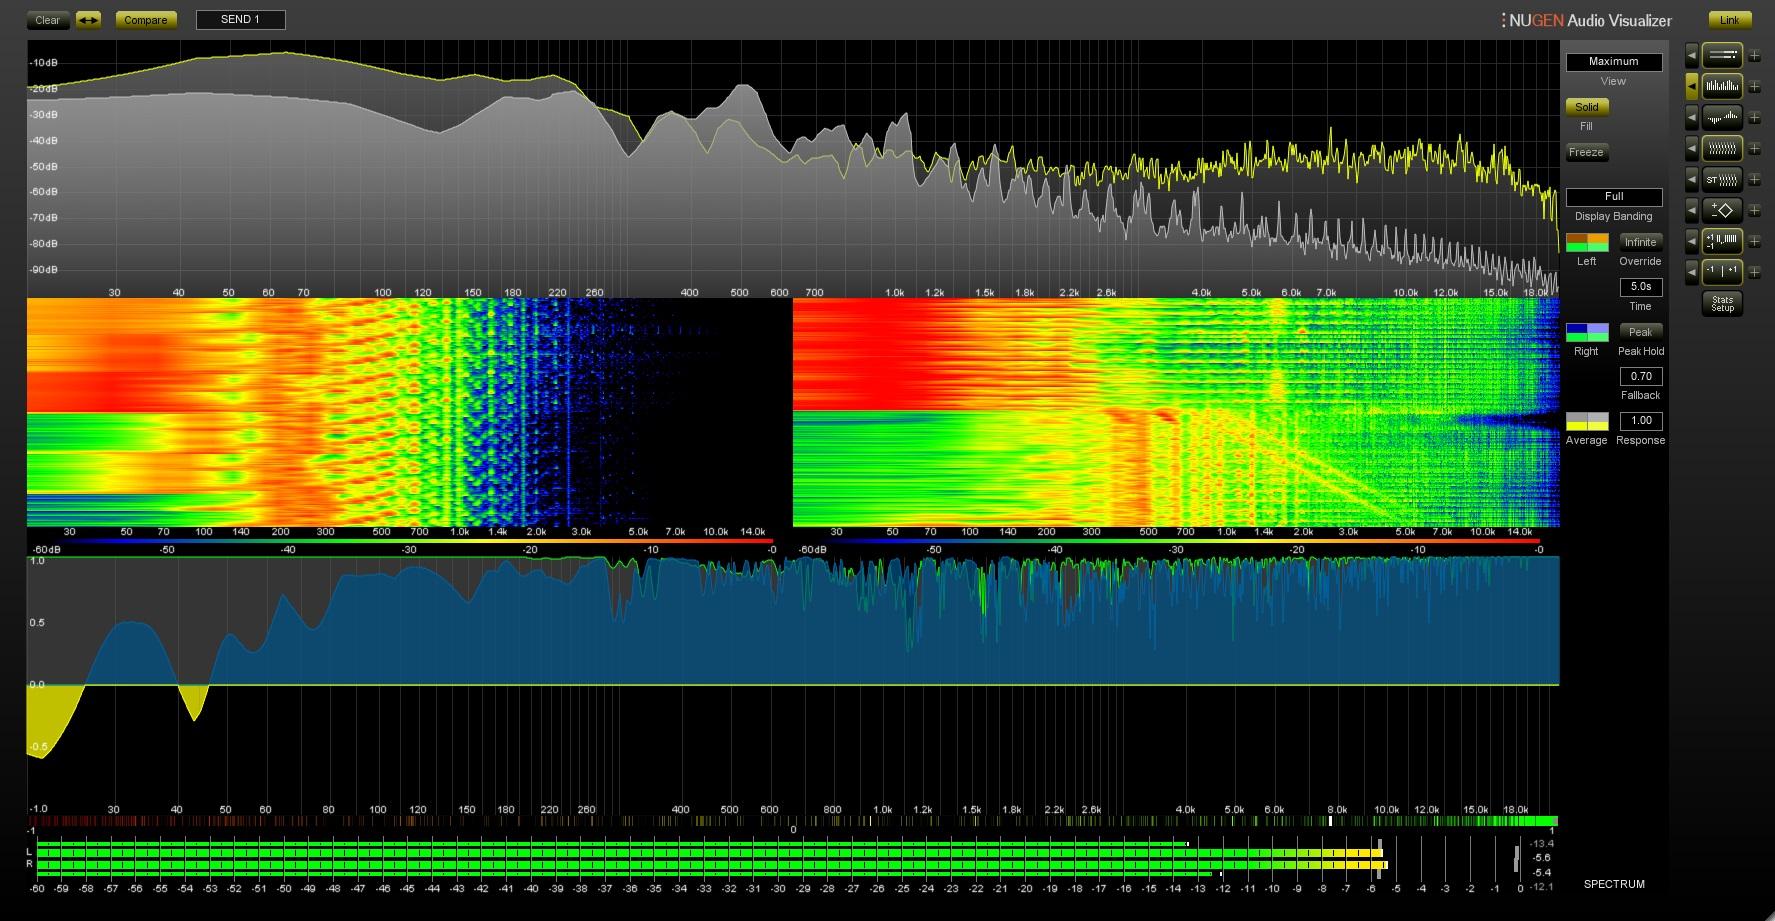 NUGEN Audio Announces VST3 Compatibility Across Entire Range